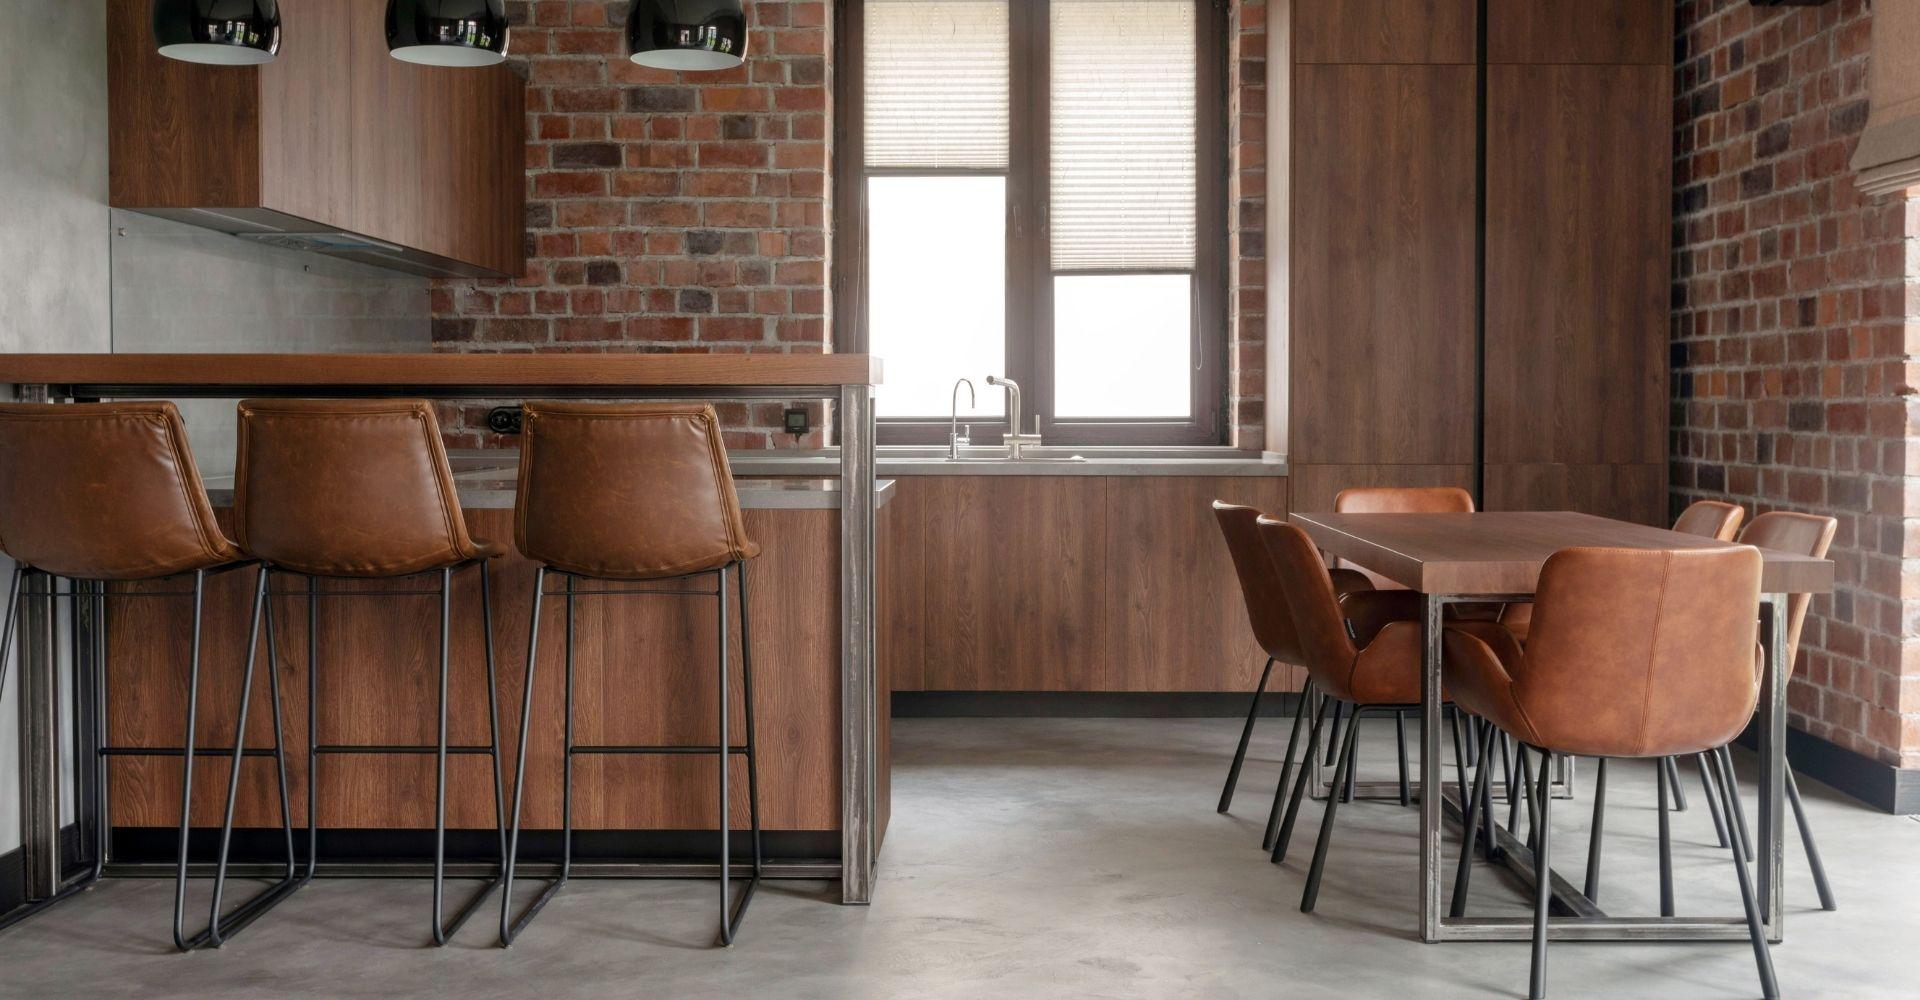 Betonvloer in de keuken